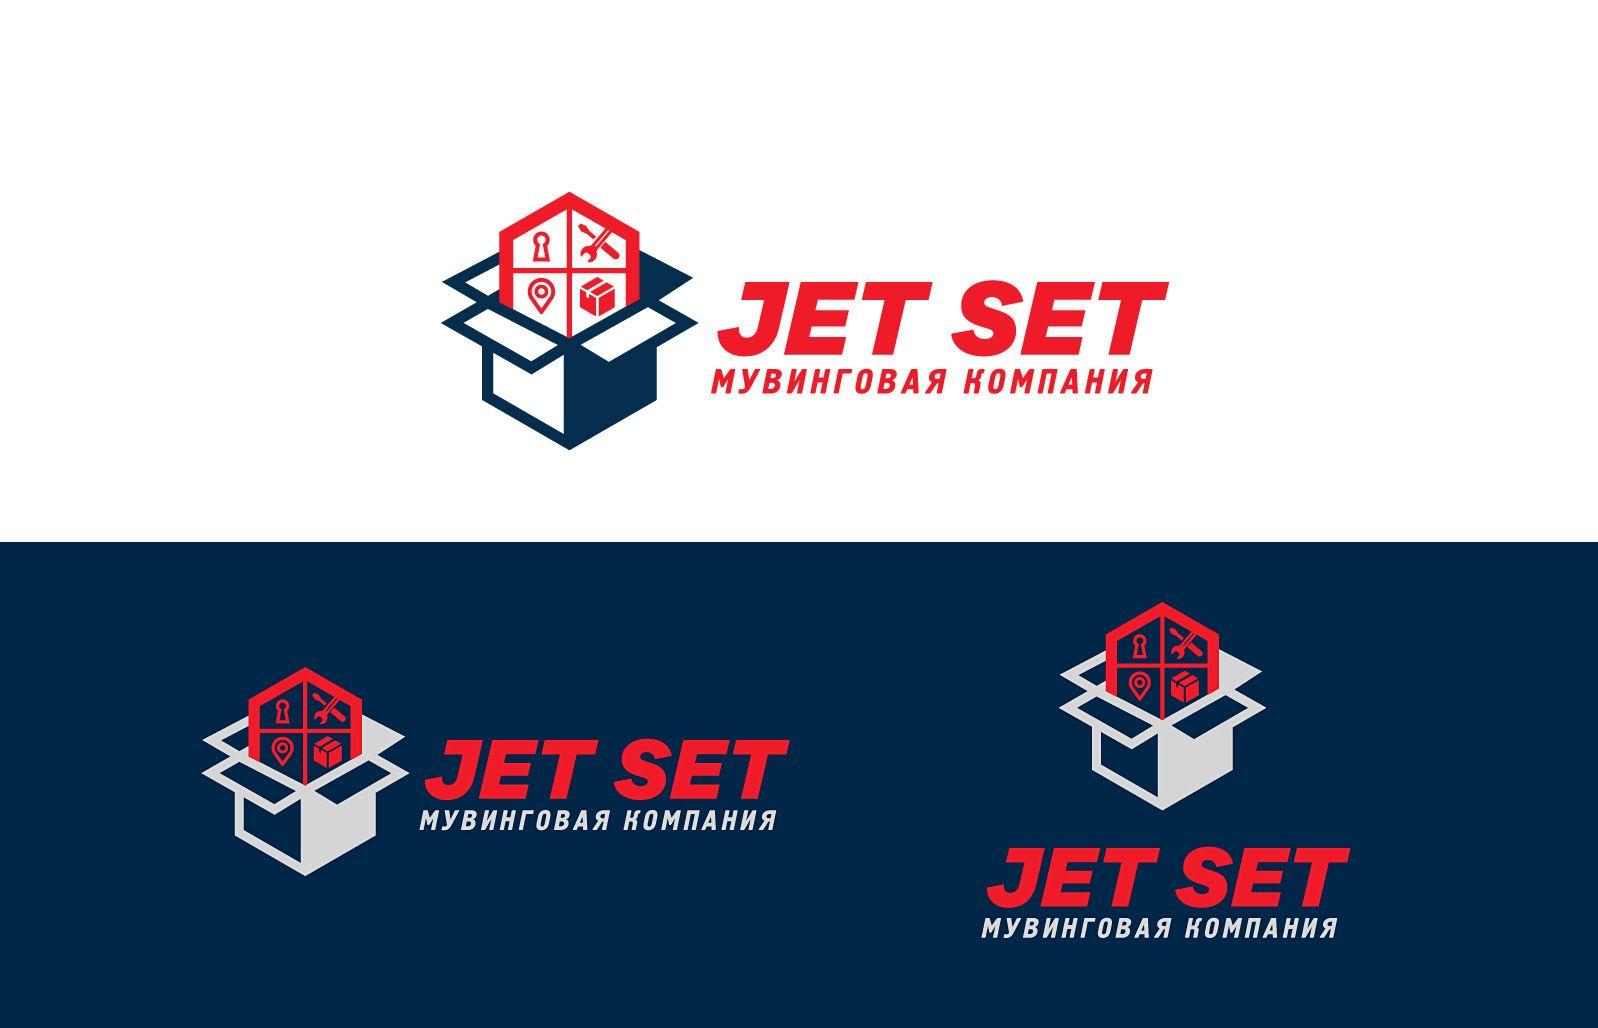 Лого и фирменный стиль для JET SET - дизайнер andblin61